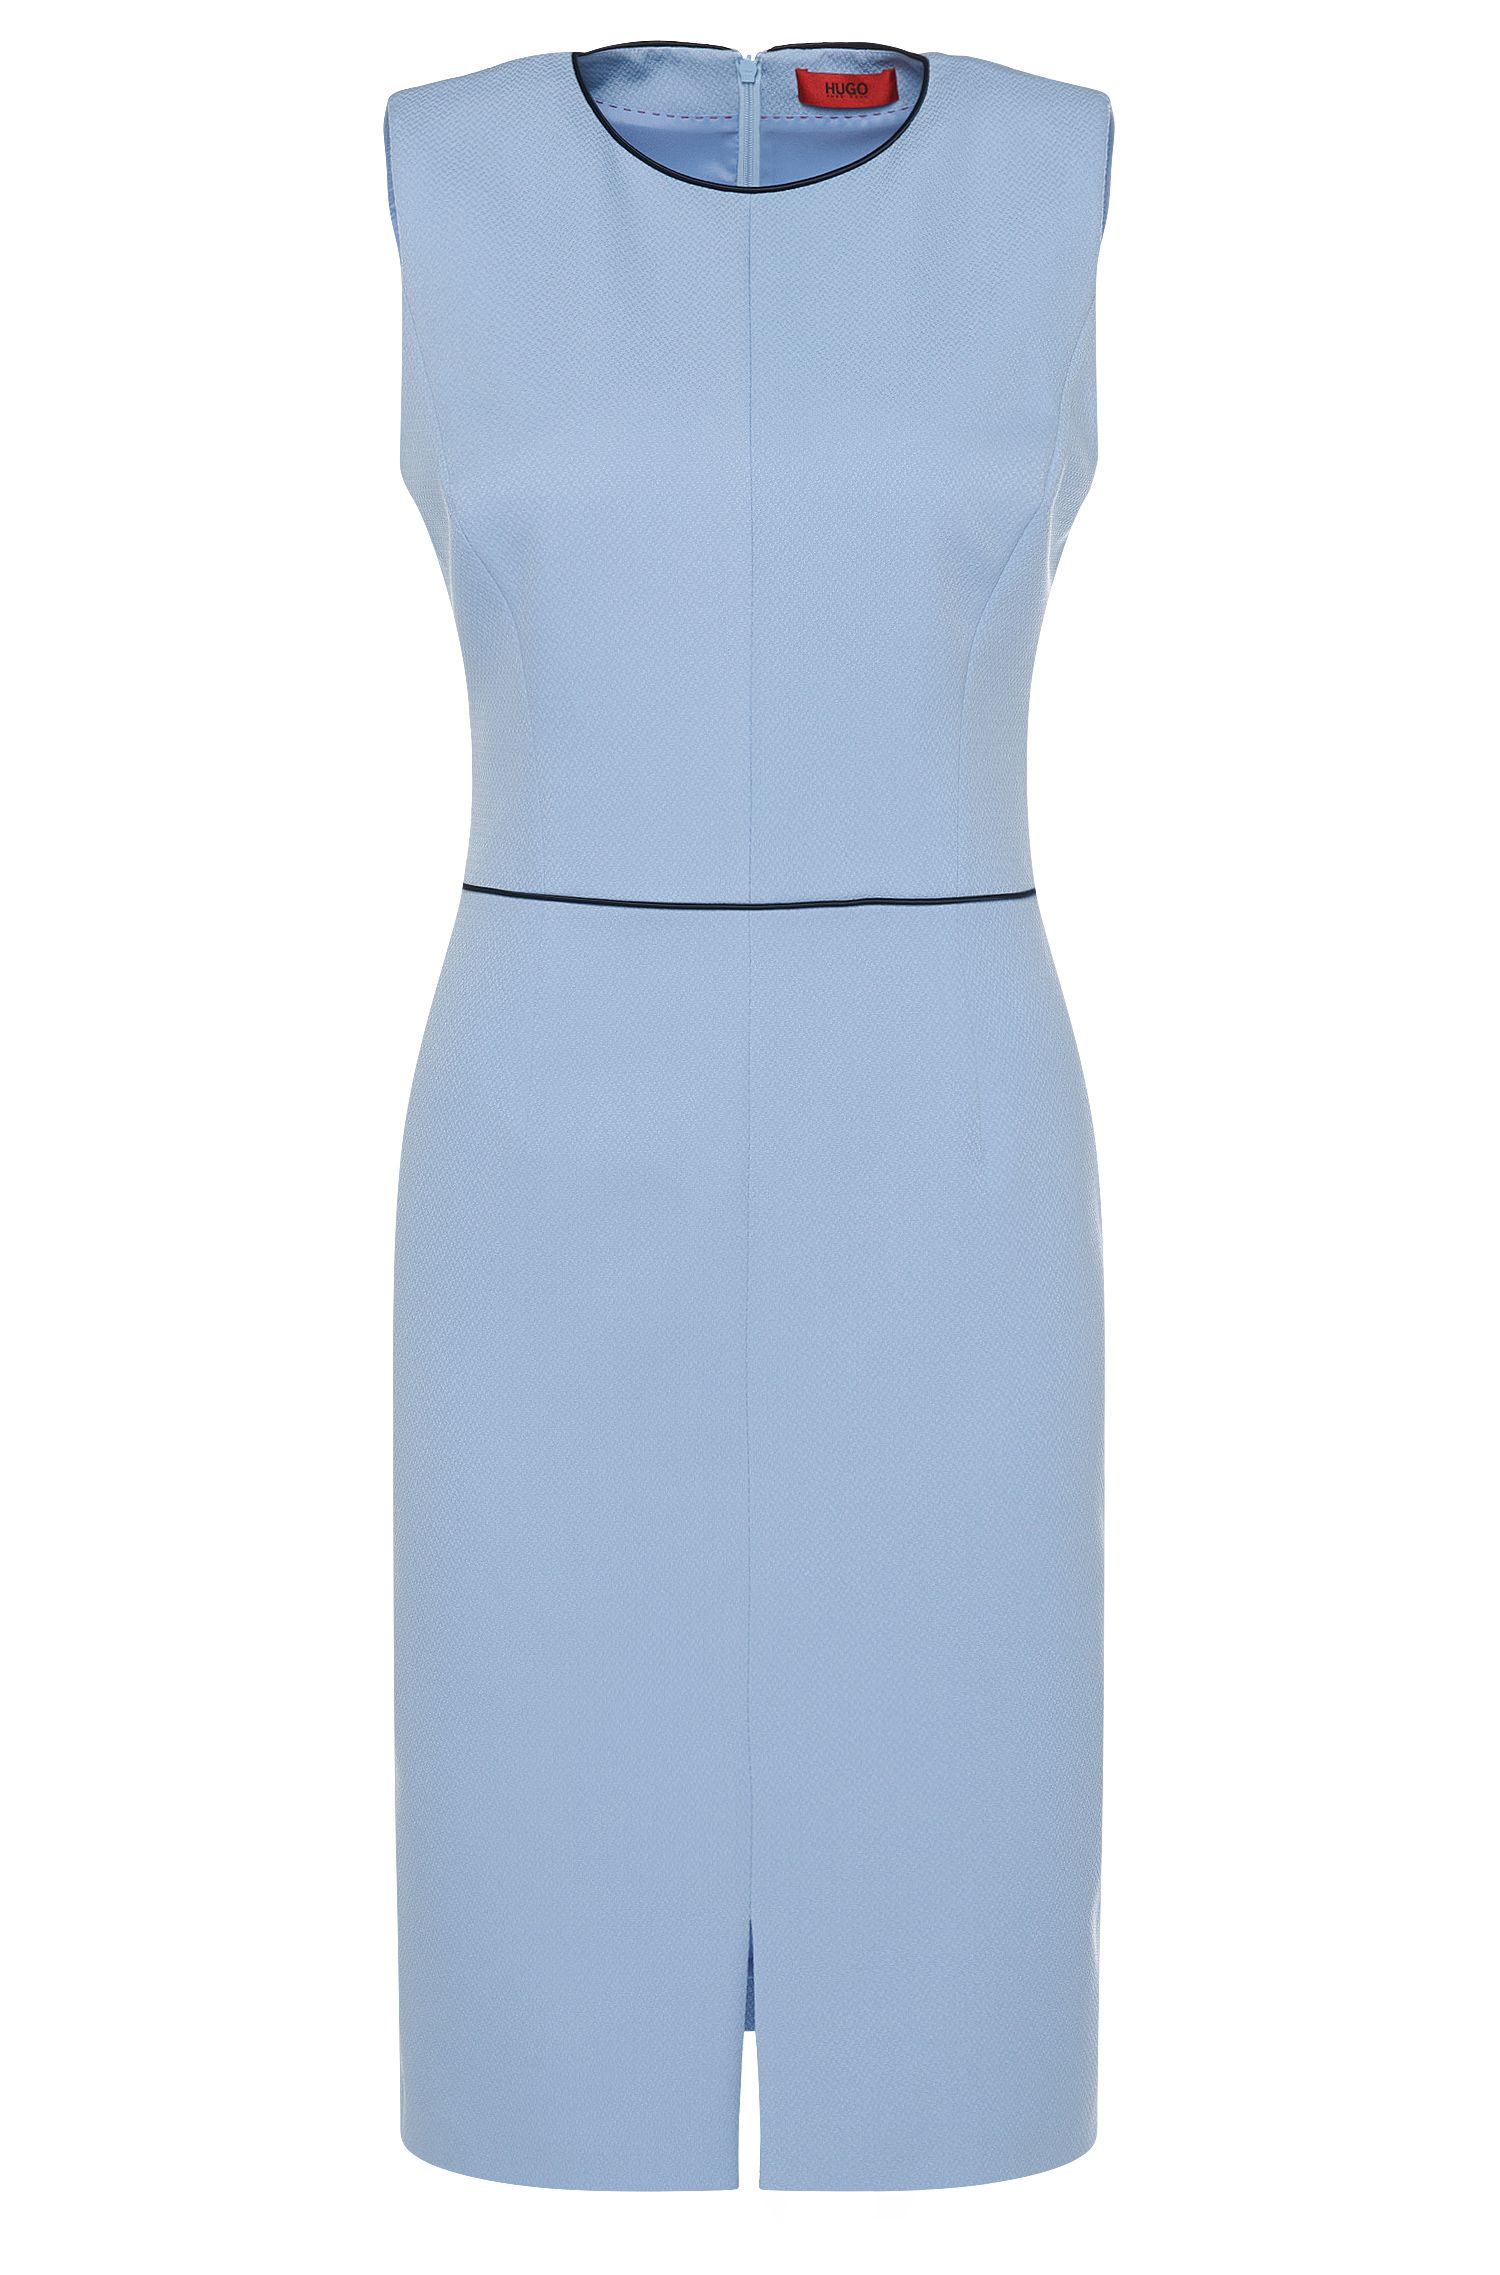 Fijngestructureerde etui-jurk met contrastkleurige paspels: 'Klenni-1'